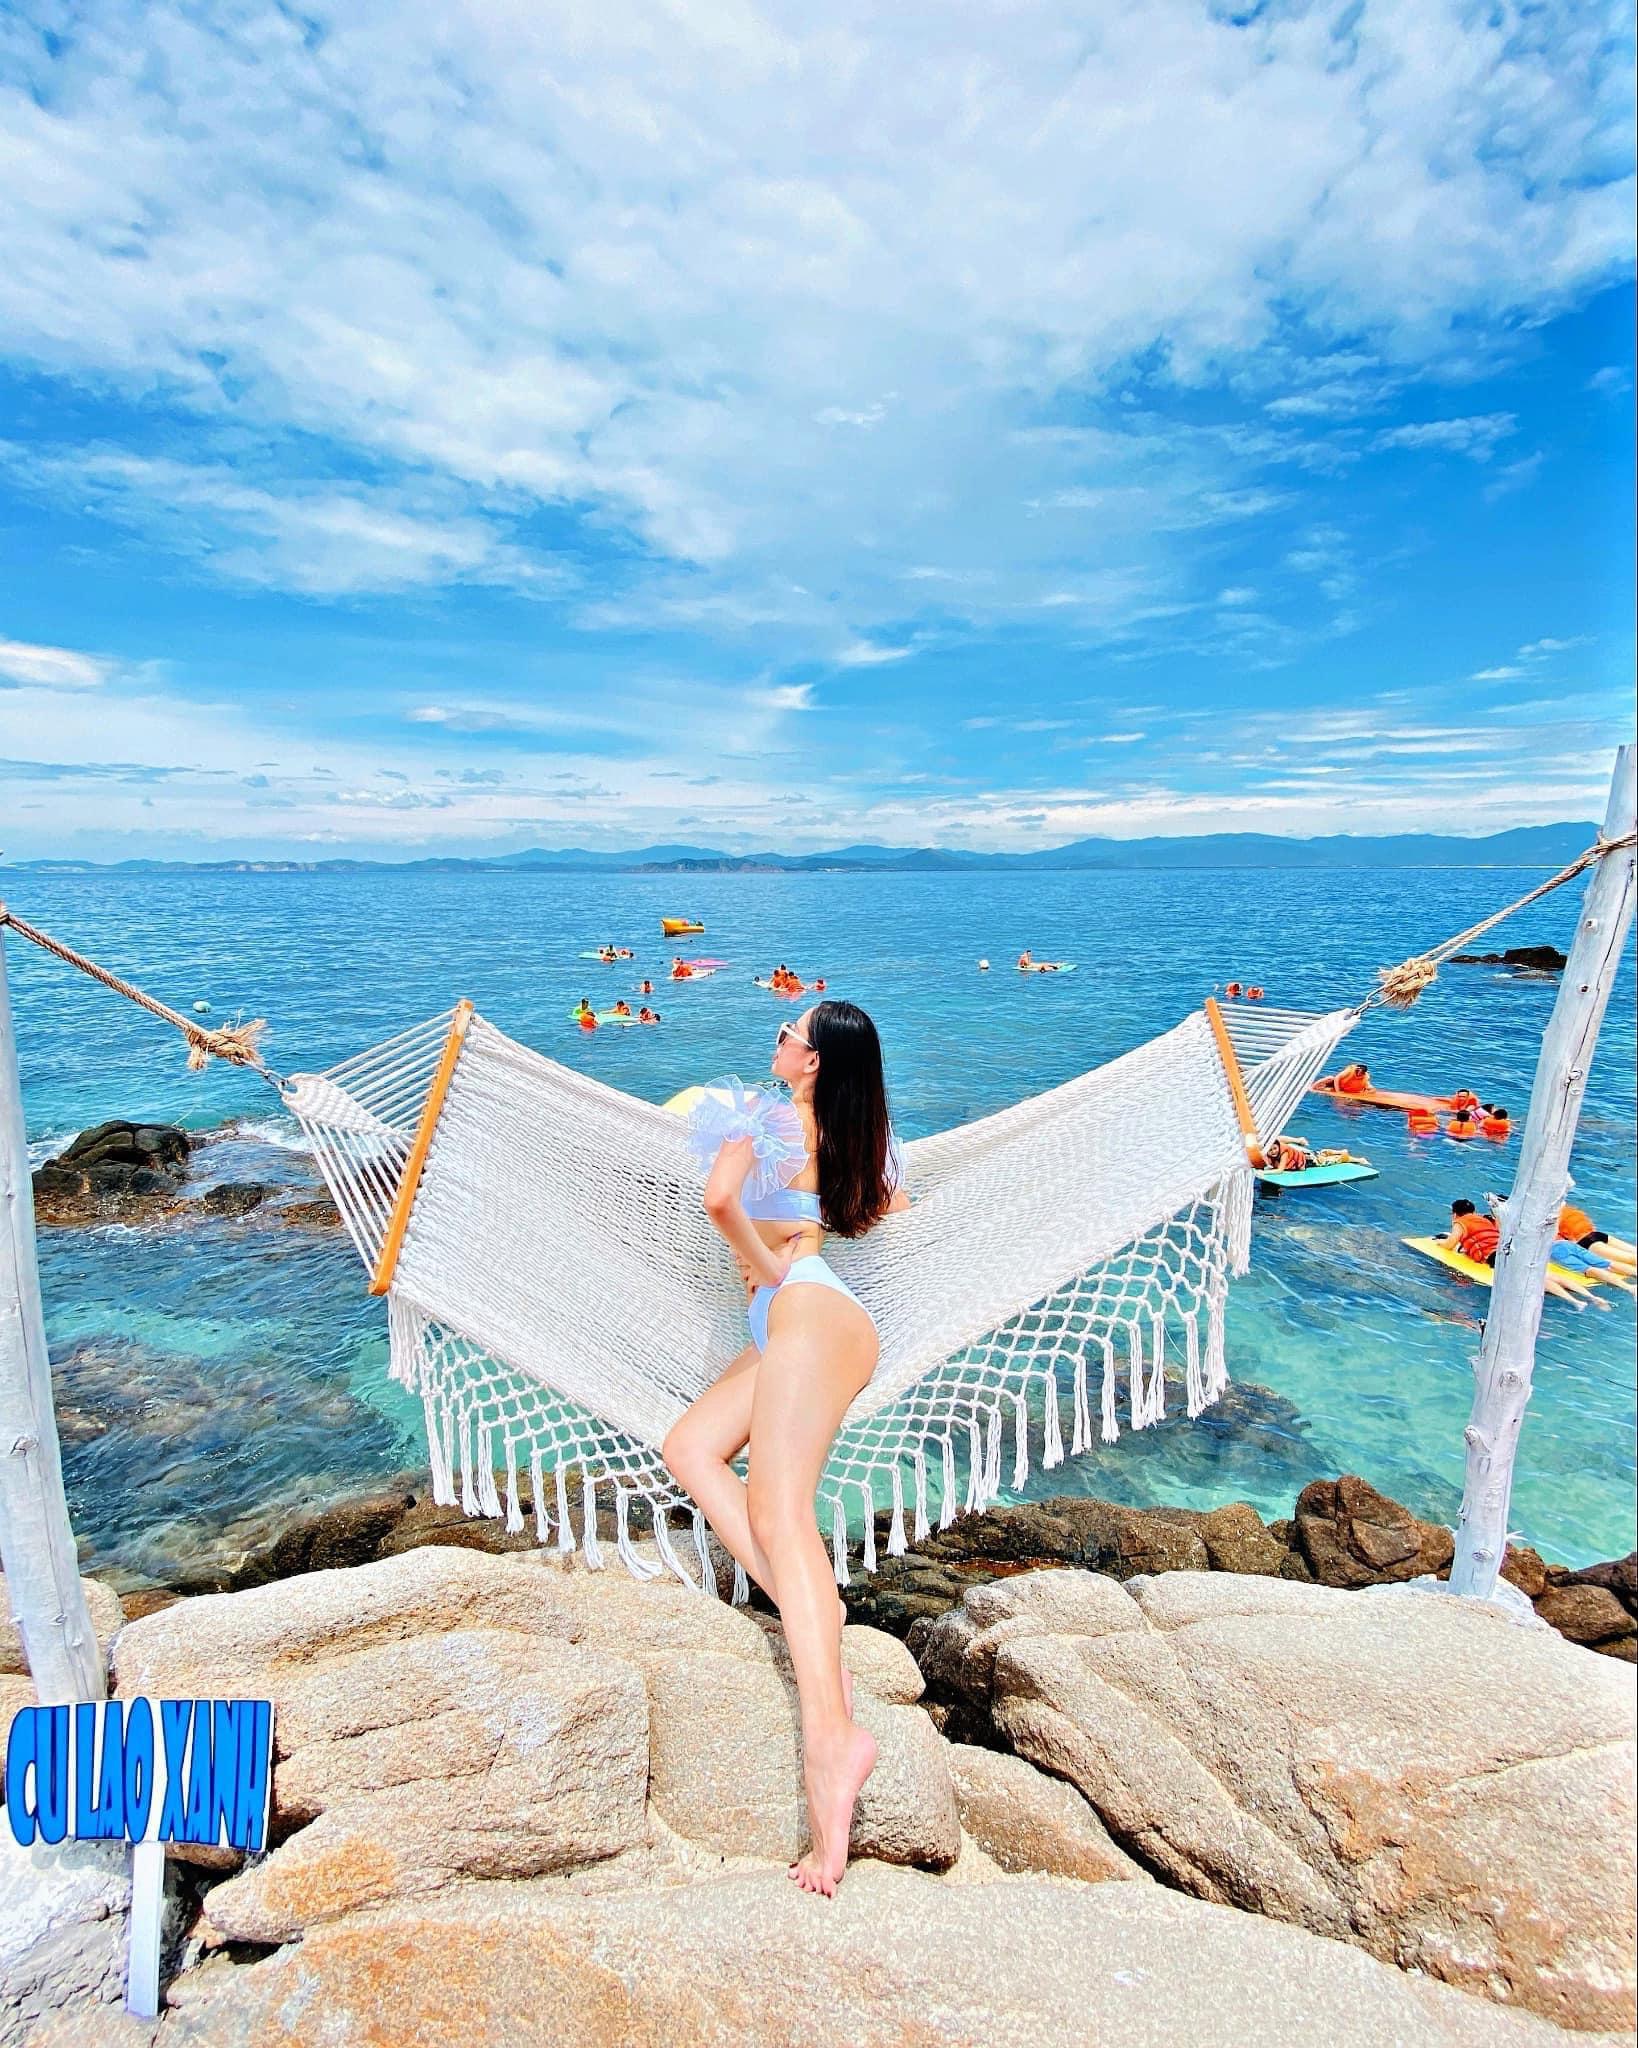 đảo du lịch cù lao xanh